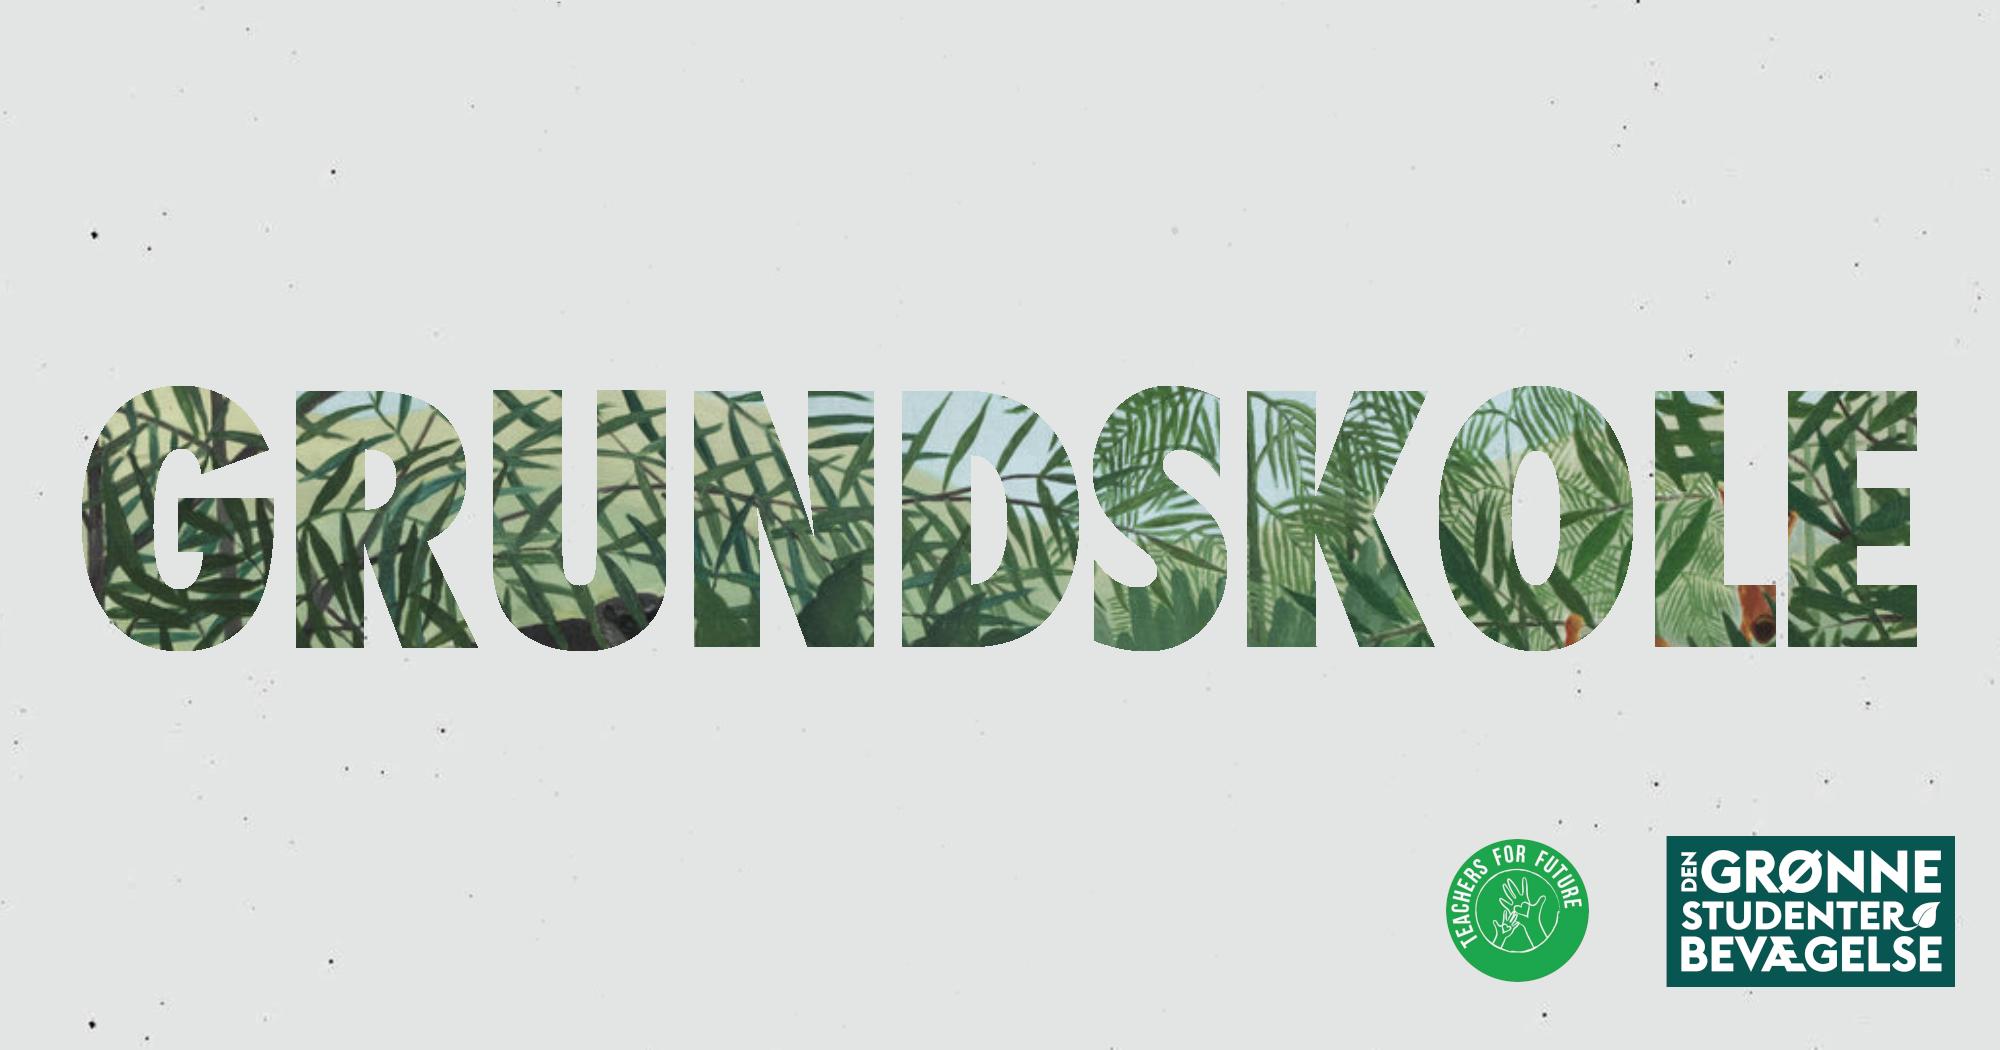 Danske elever fortjener en grøn grundskole